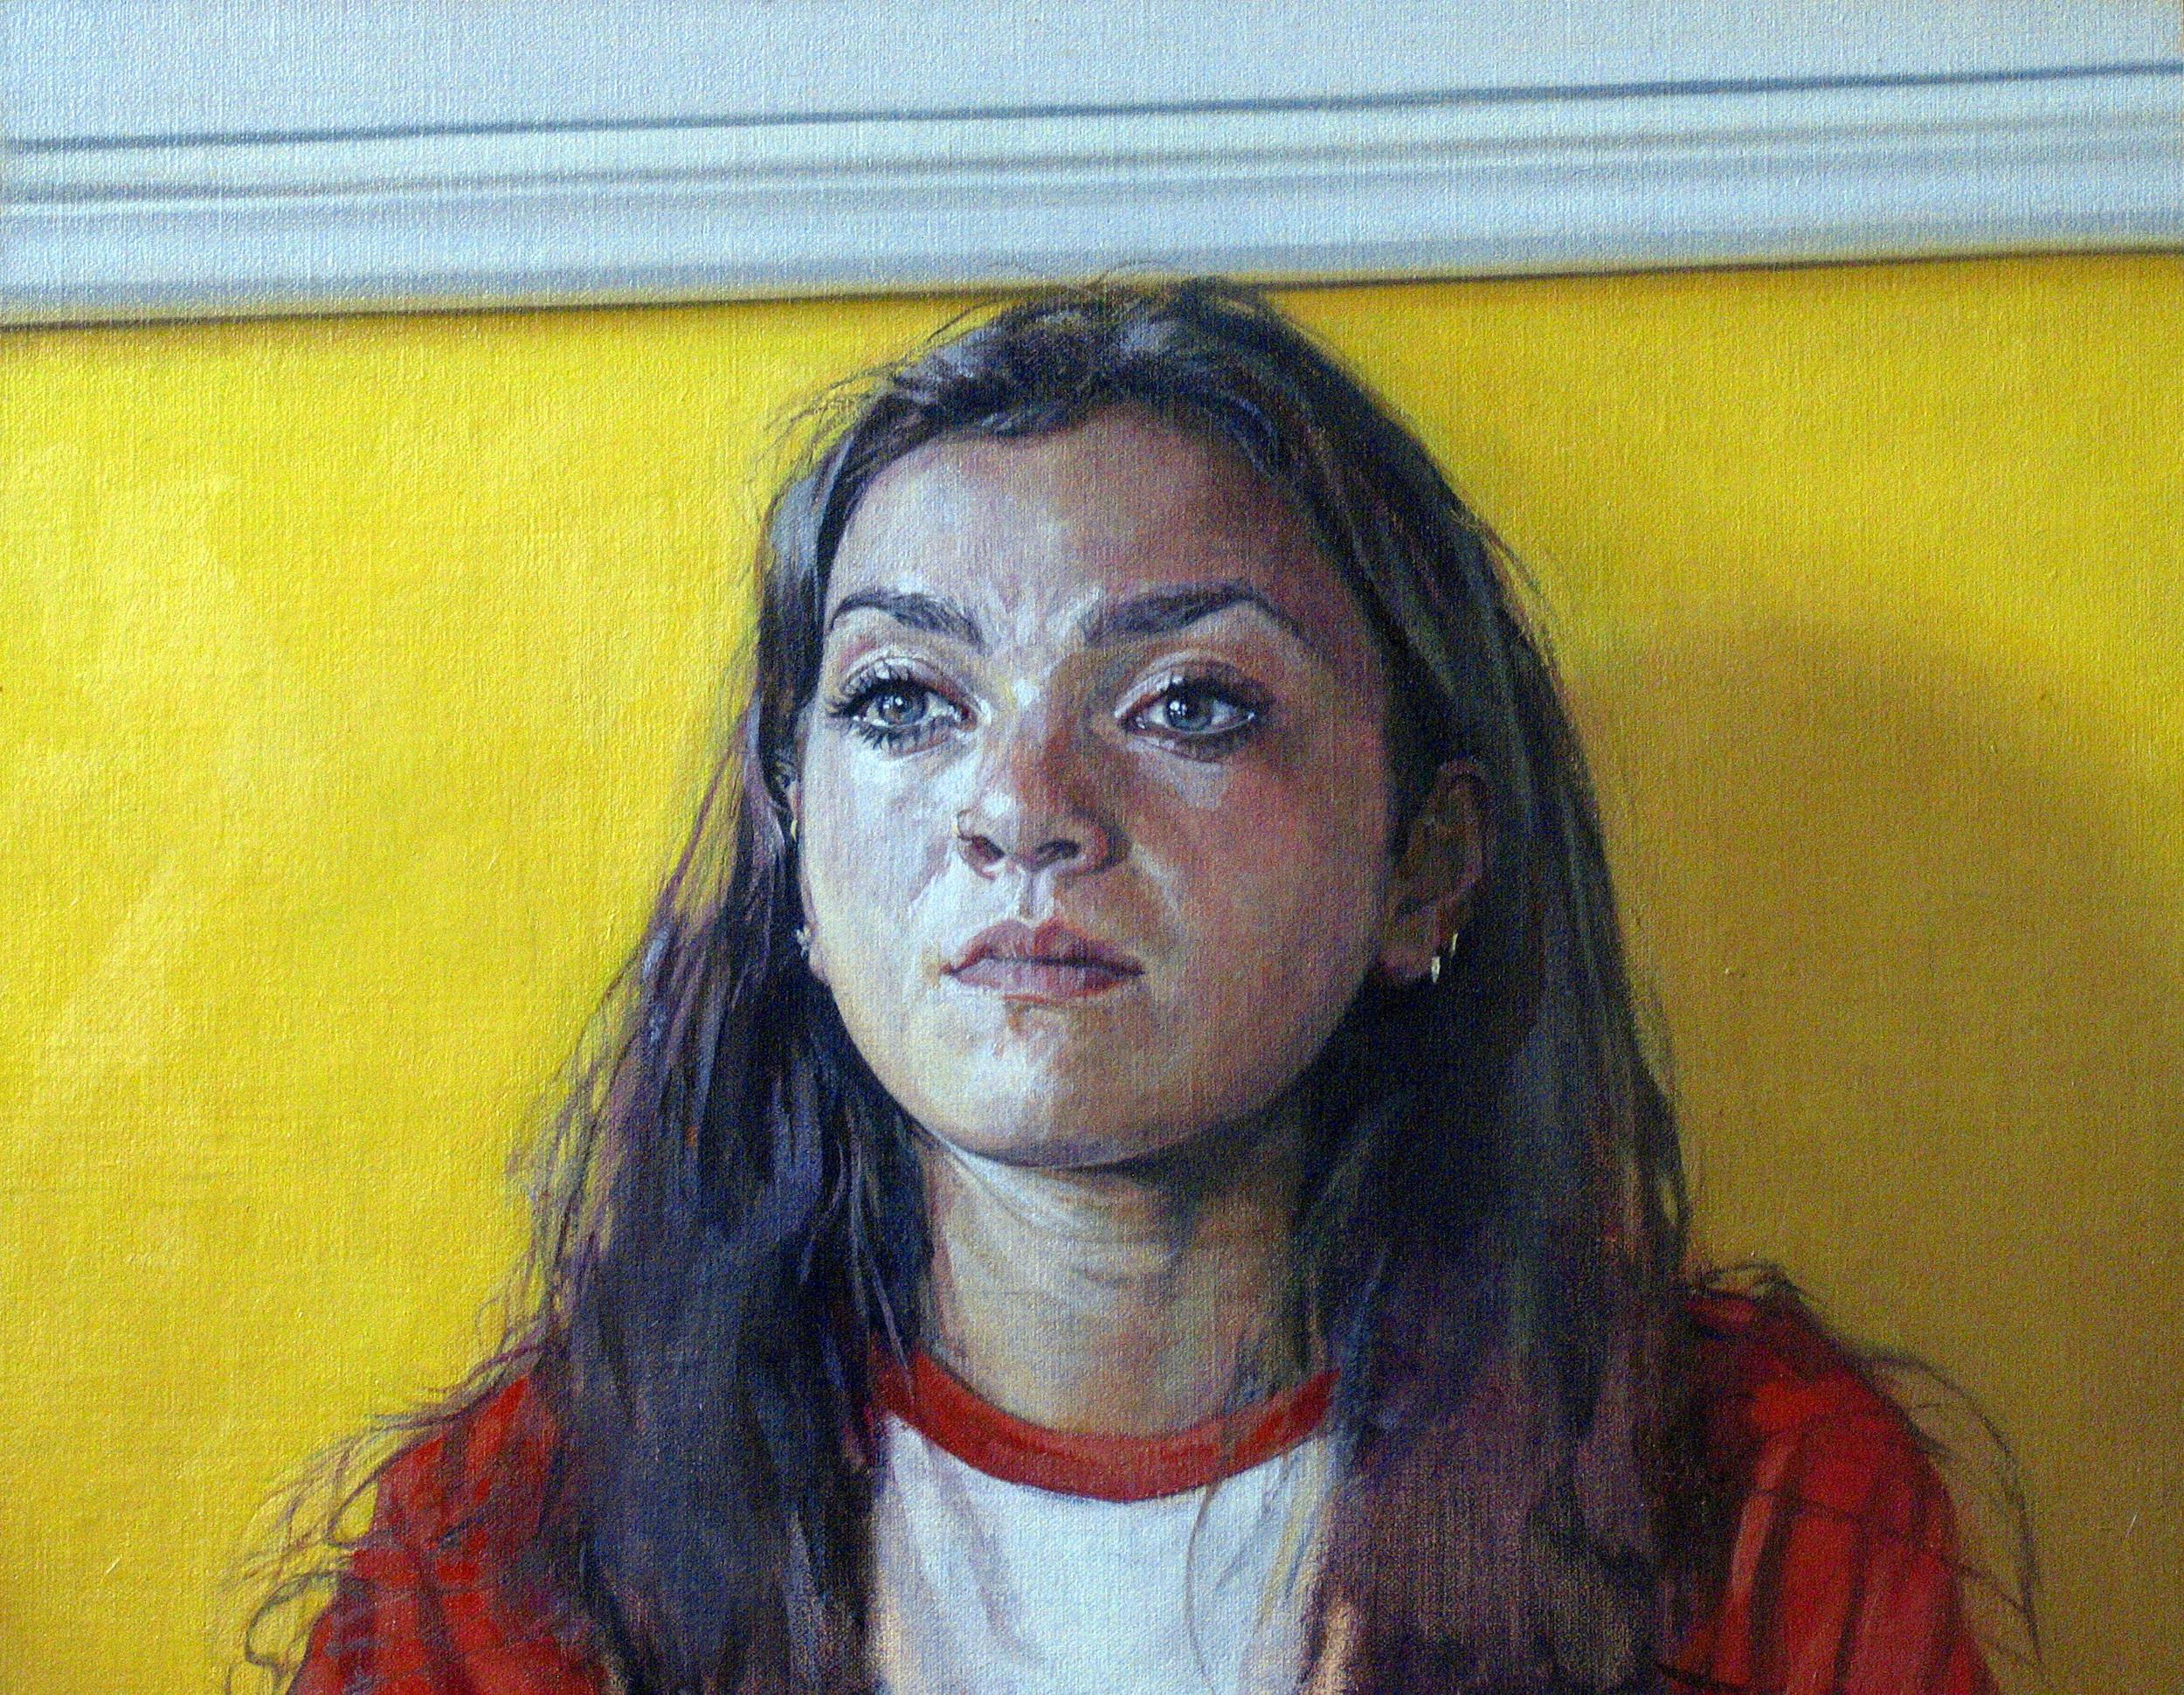 Jasmine, 2014, oil on linen, 14 x 18in.